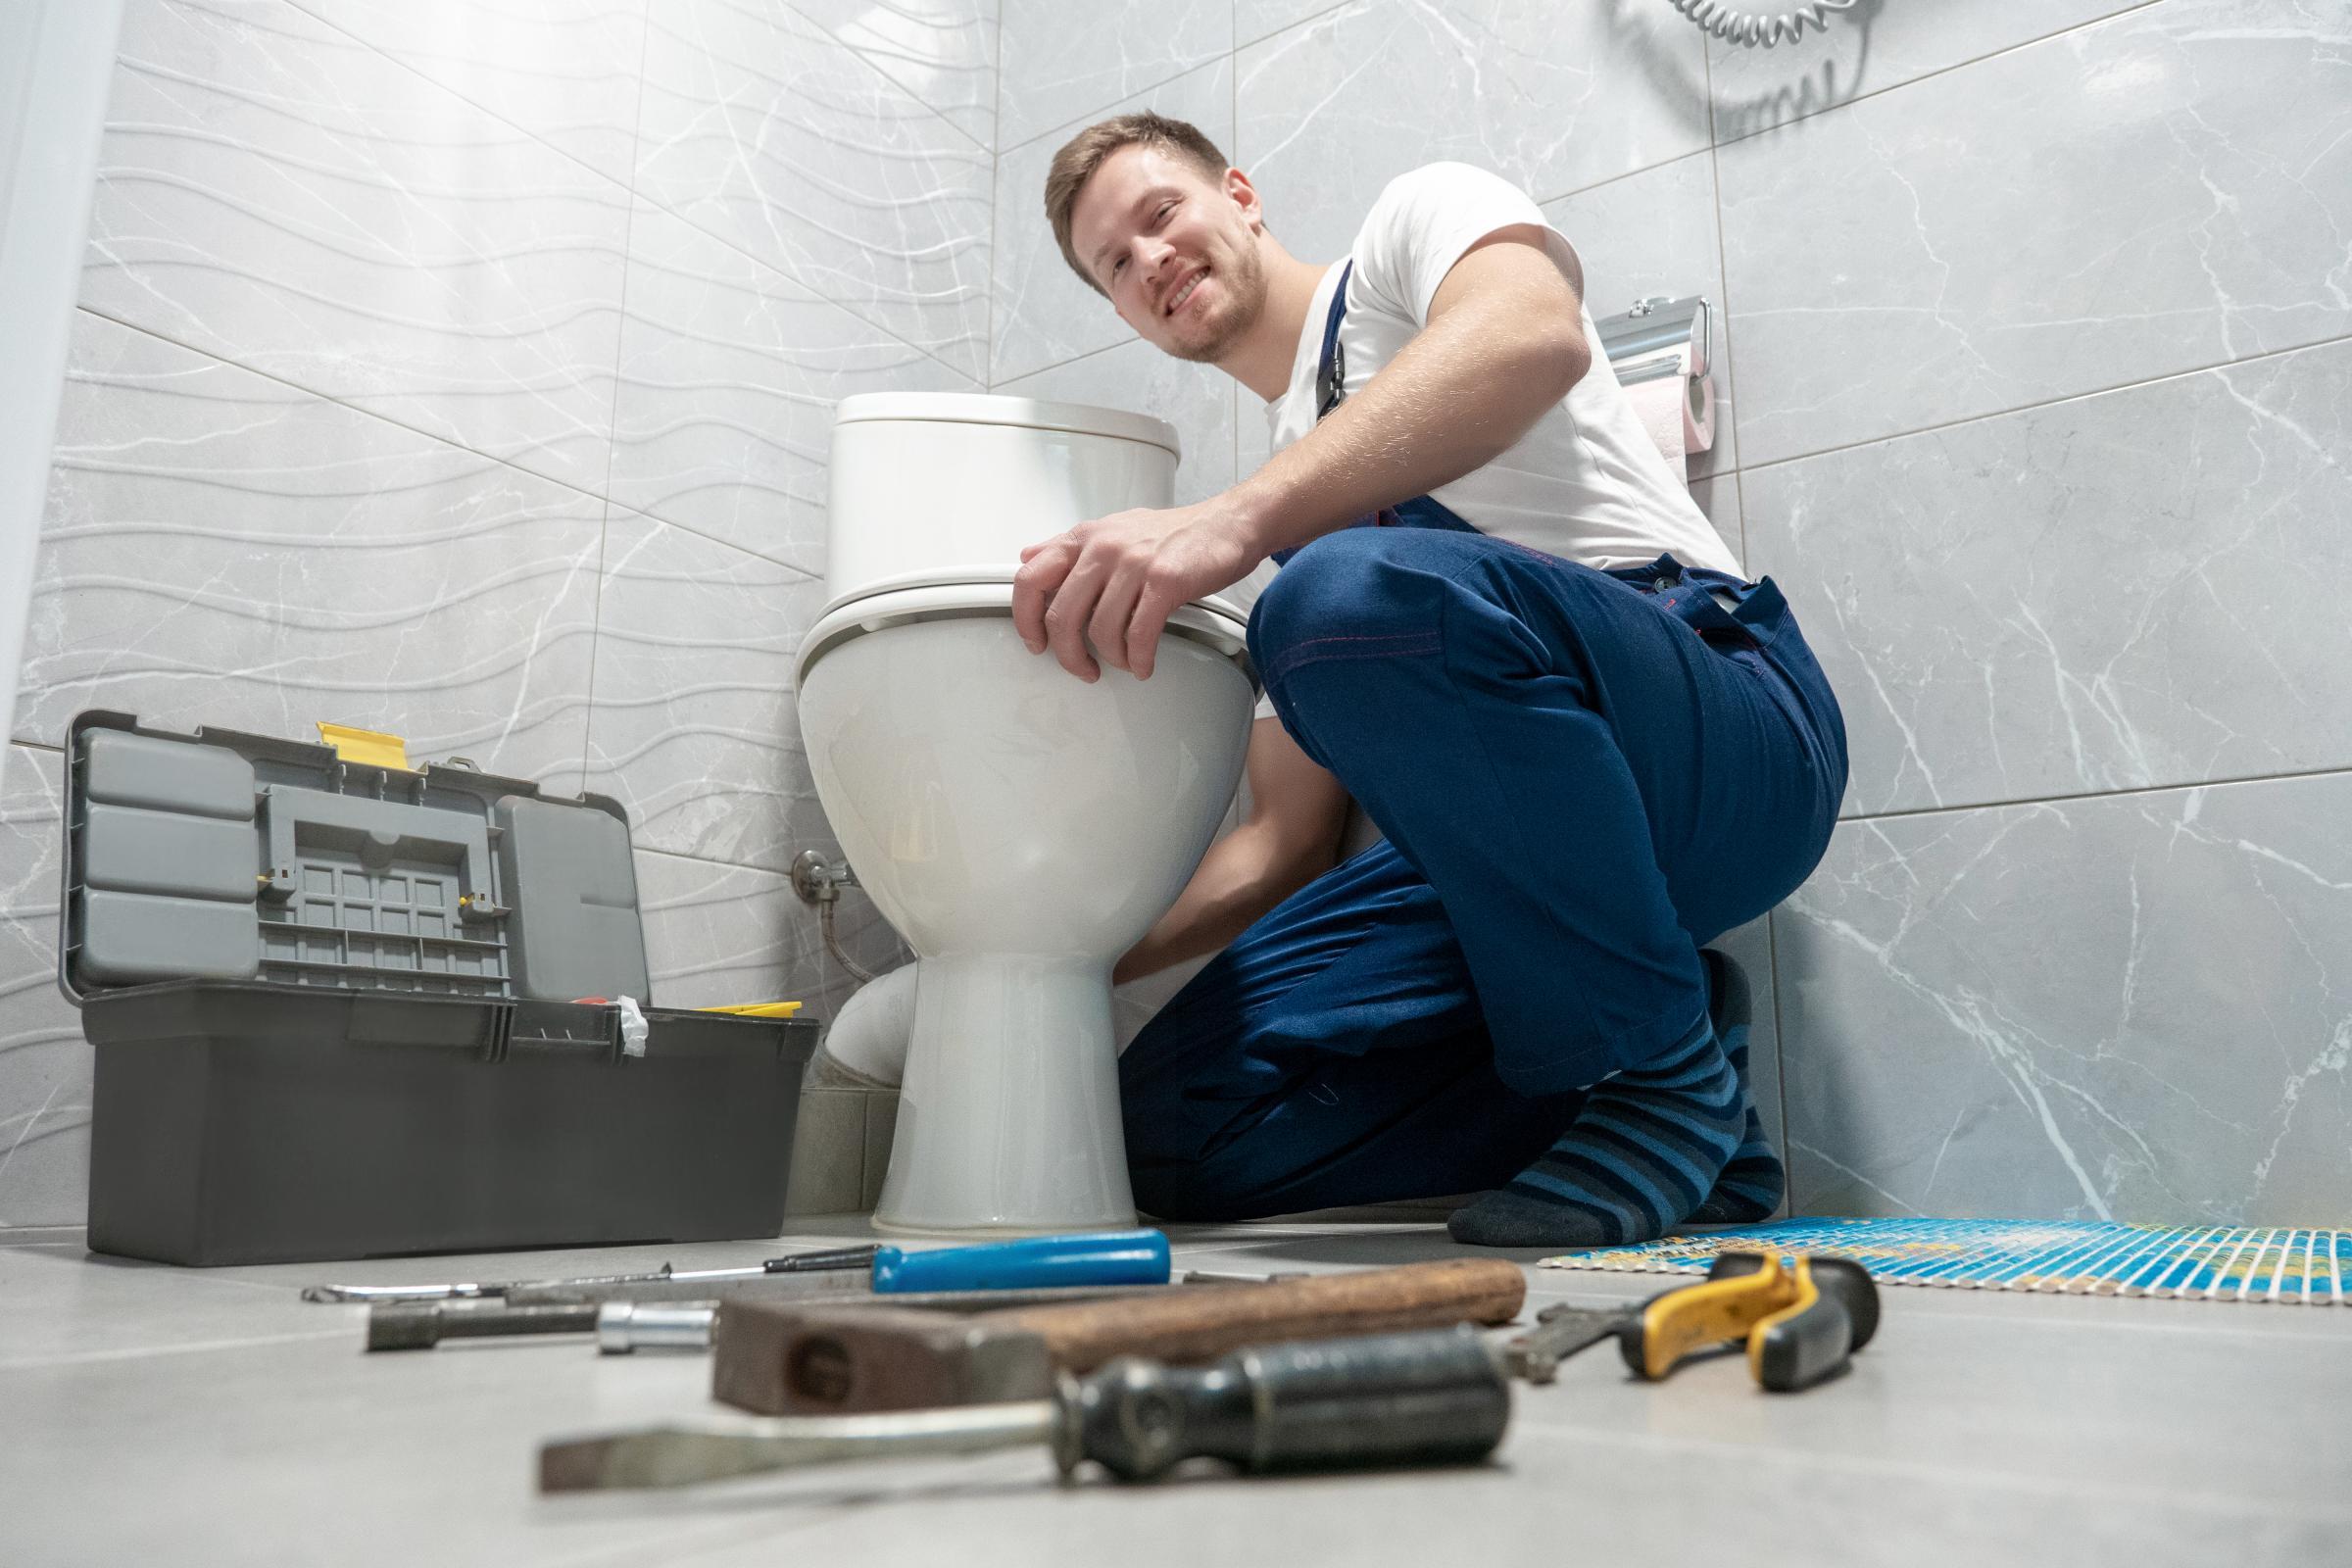 smiling man plumber in uniform repairing toilet bowl using instrument kit looks happy professional repair service..